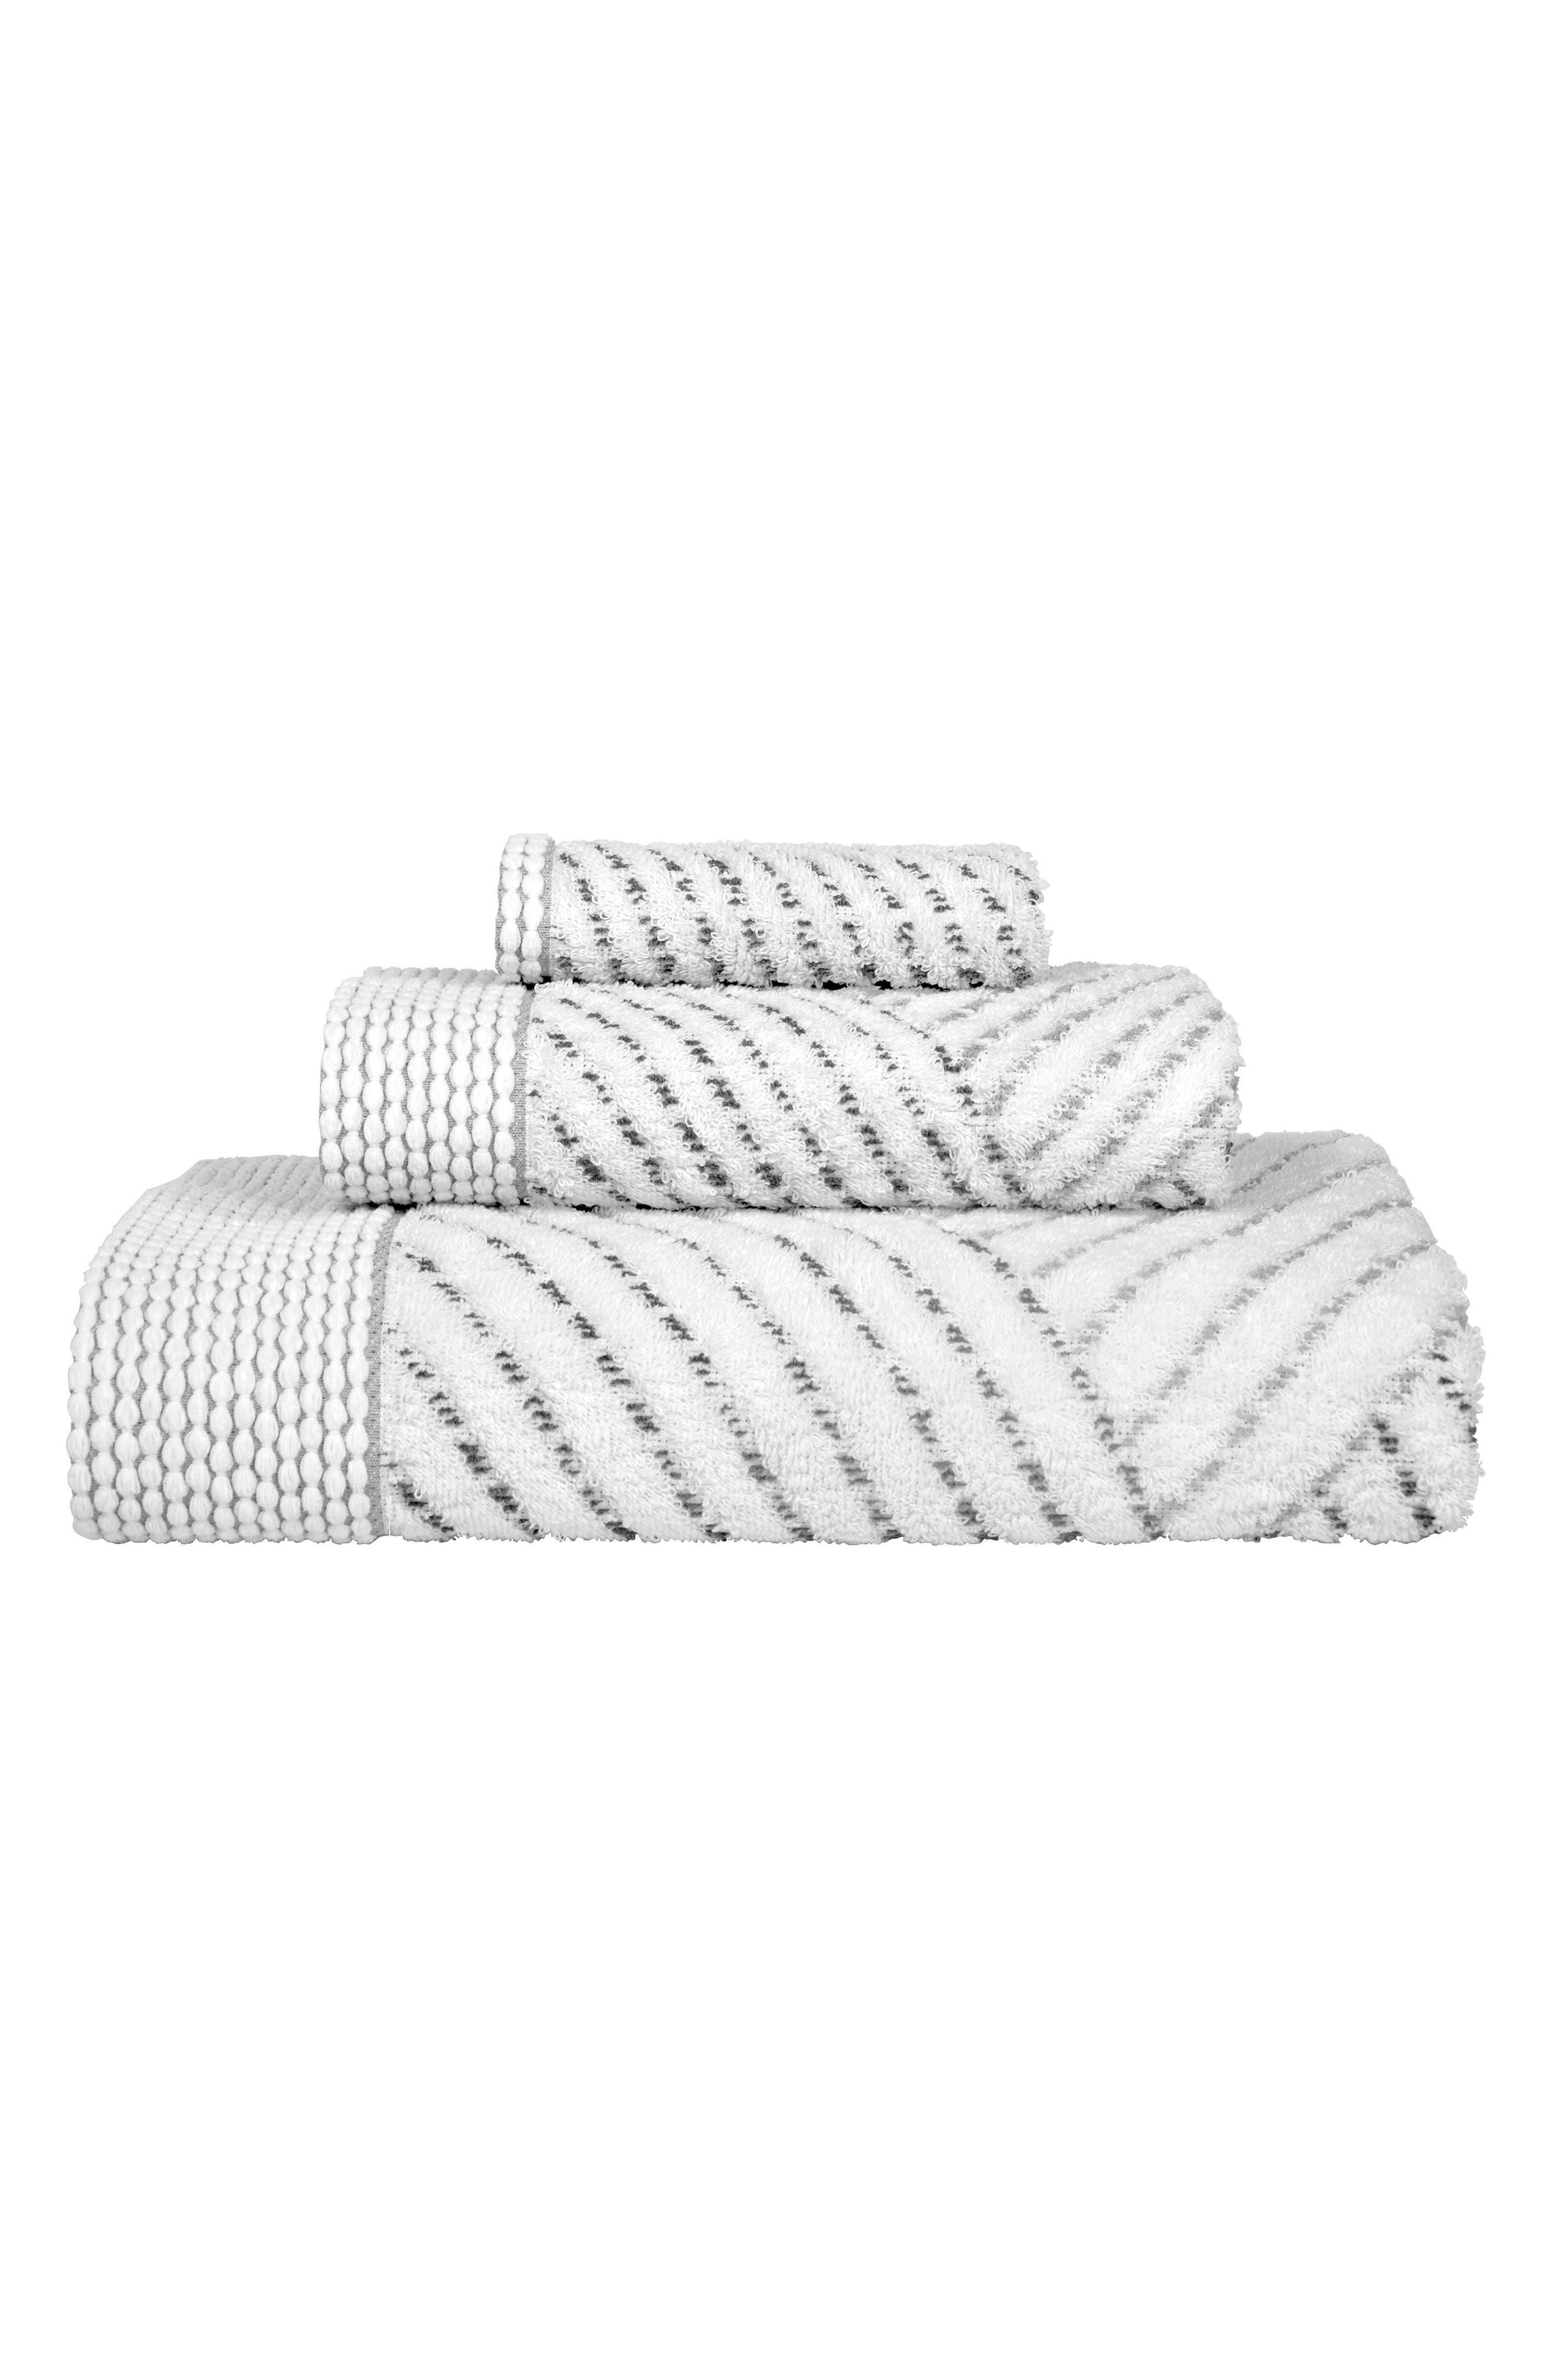 Alternate Image 2  - John Robshaw Sazid Bath Towel